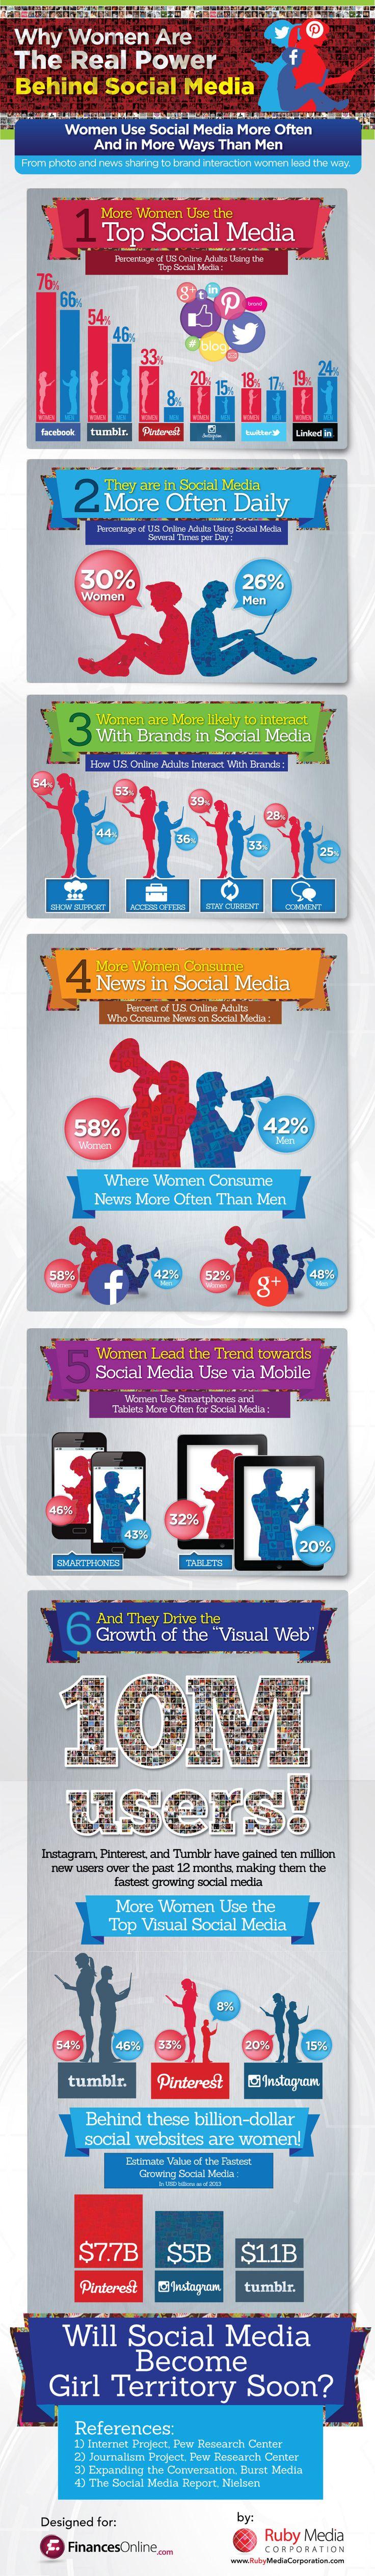 woman rule social media